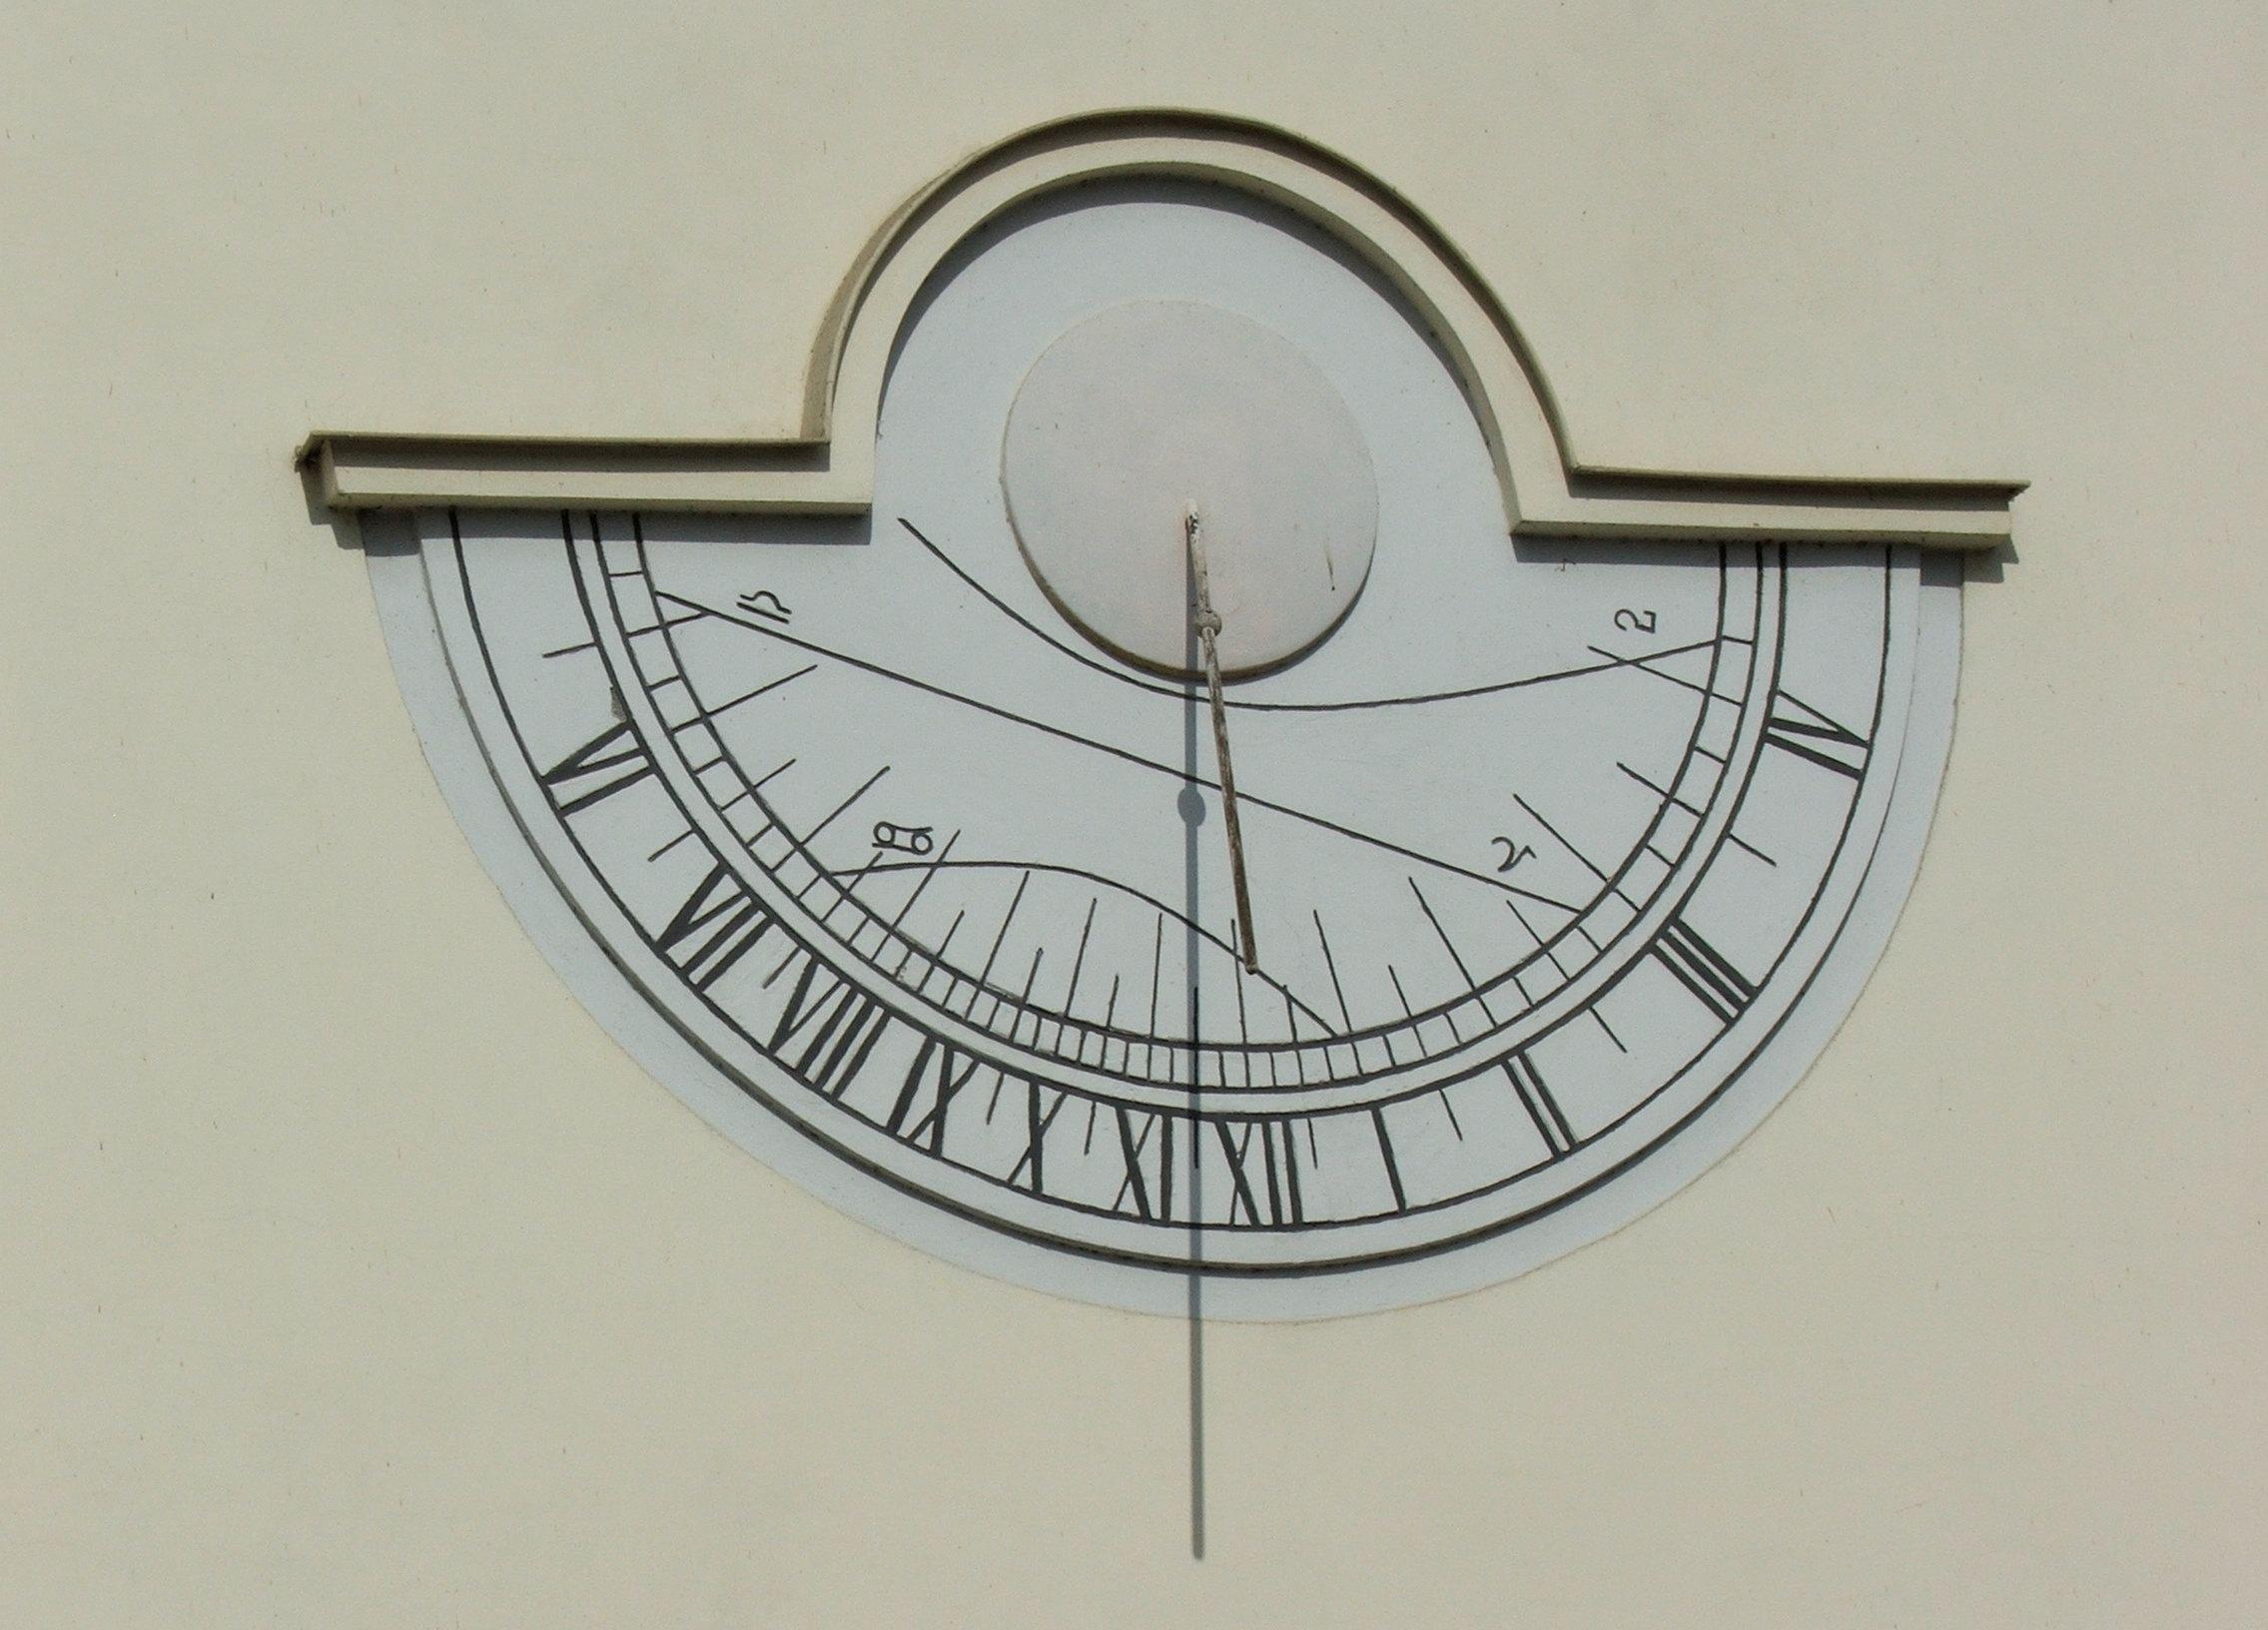 Существует два типа вертикальных солнечных часов: ориентированные вертикальные часы имеют циферблат, строго ориентированный на одну из четырех частей света: север, восток, юг или запад.